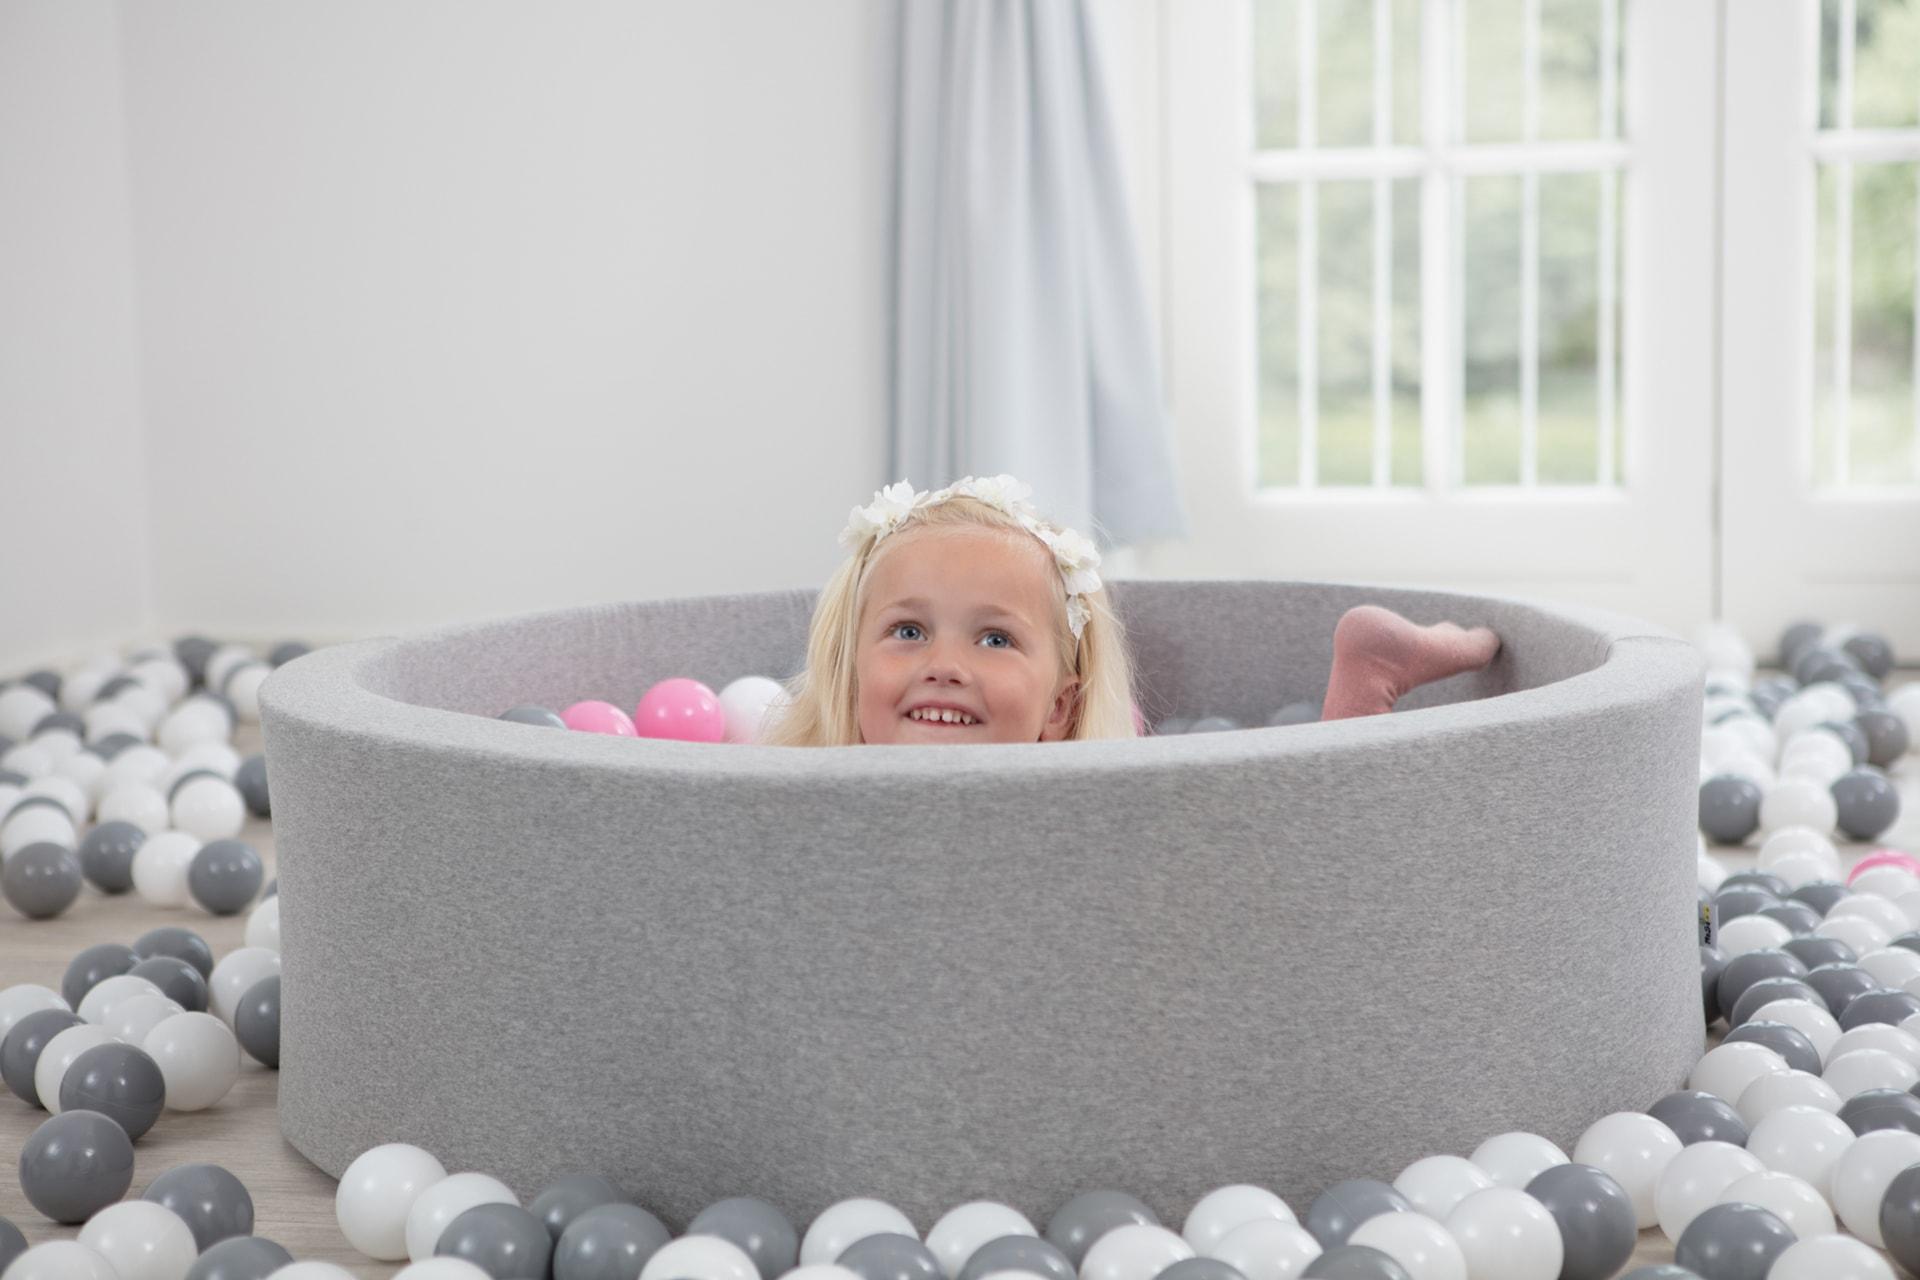 Ile piłek potrzeba do suchego basenu?